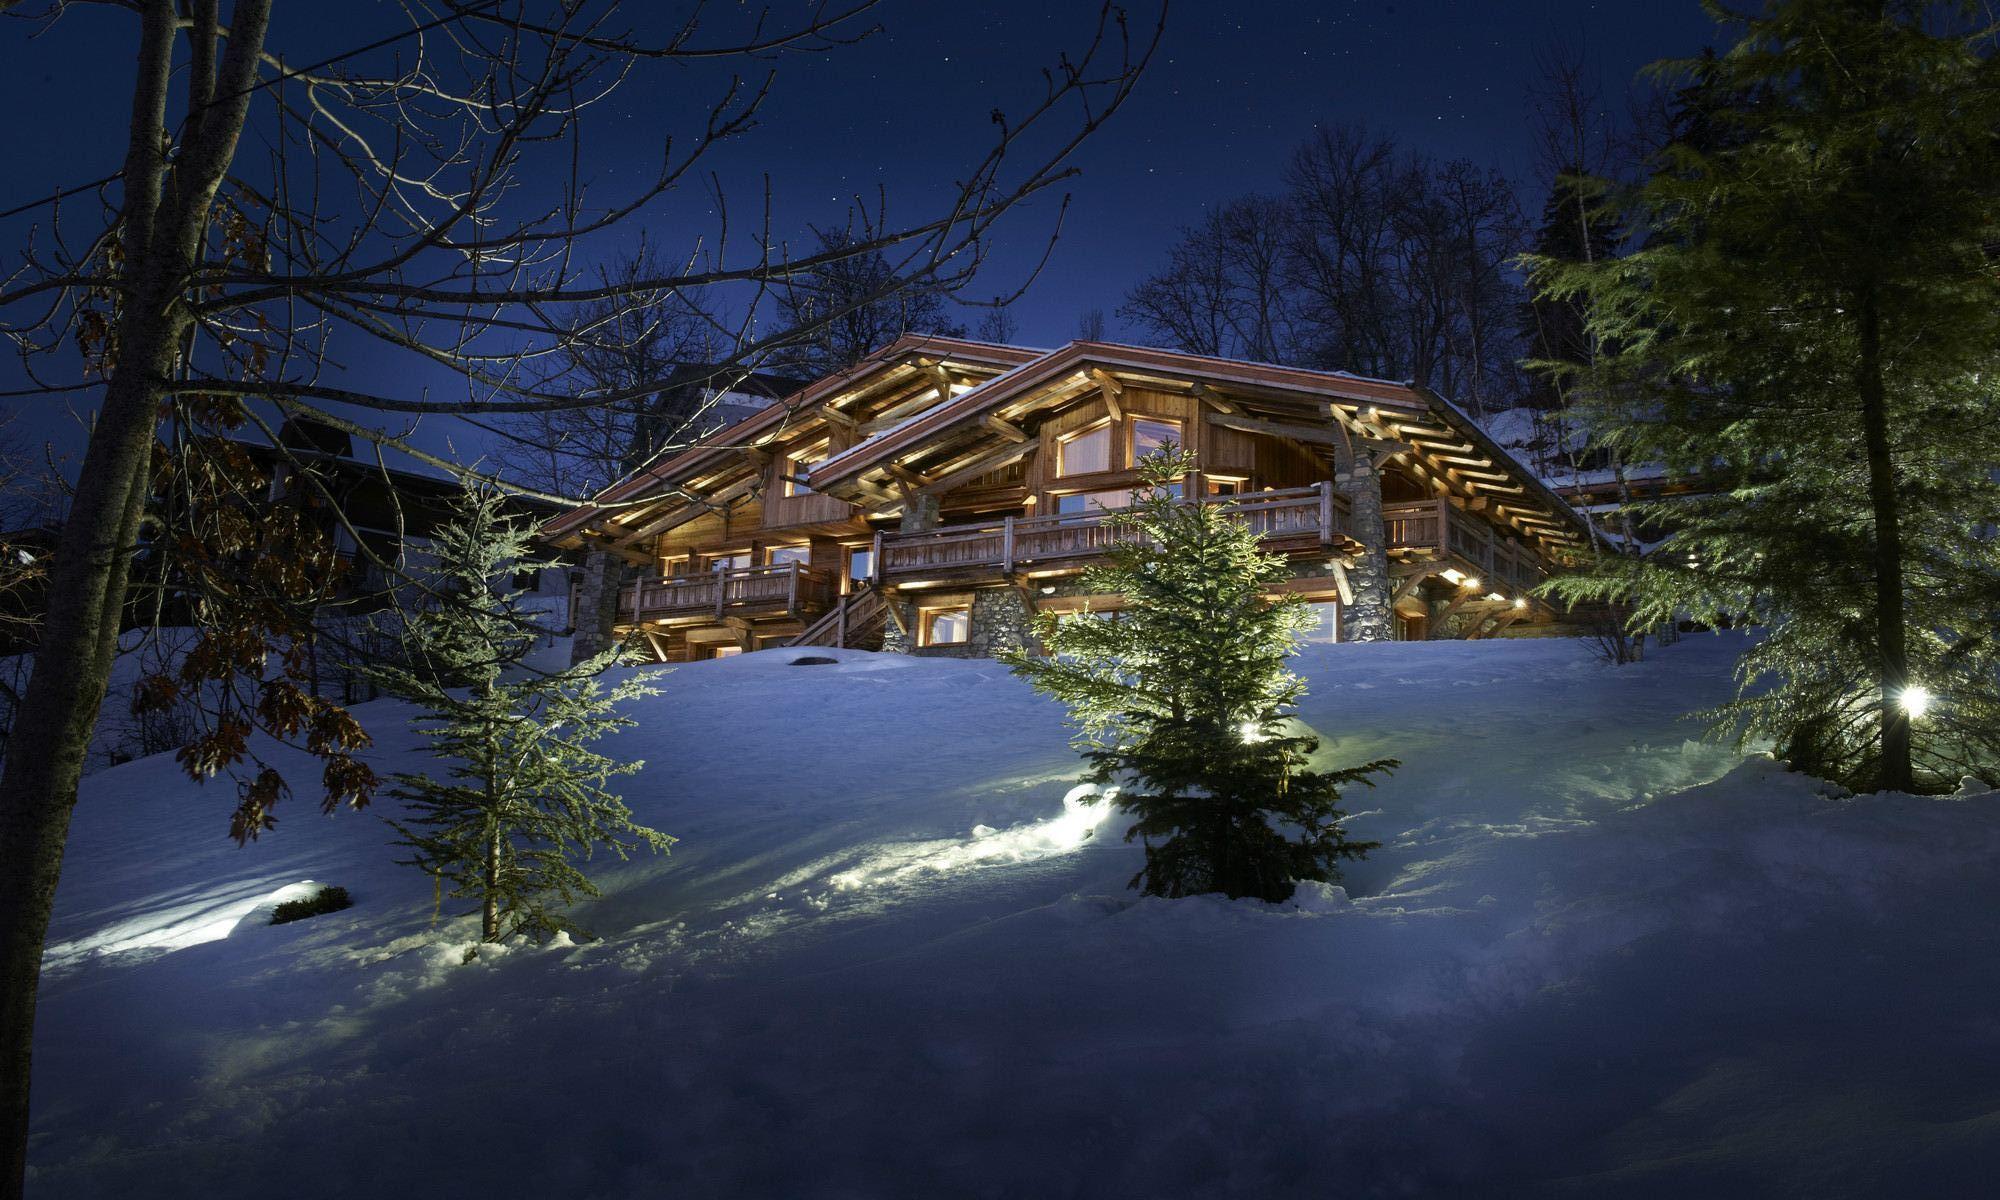 Single Family Home for Sale at Megève Mont d'Arbois Luxury Chalet Soleil d'Or Megeve, Rhone-Alpes 74120 France